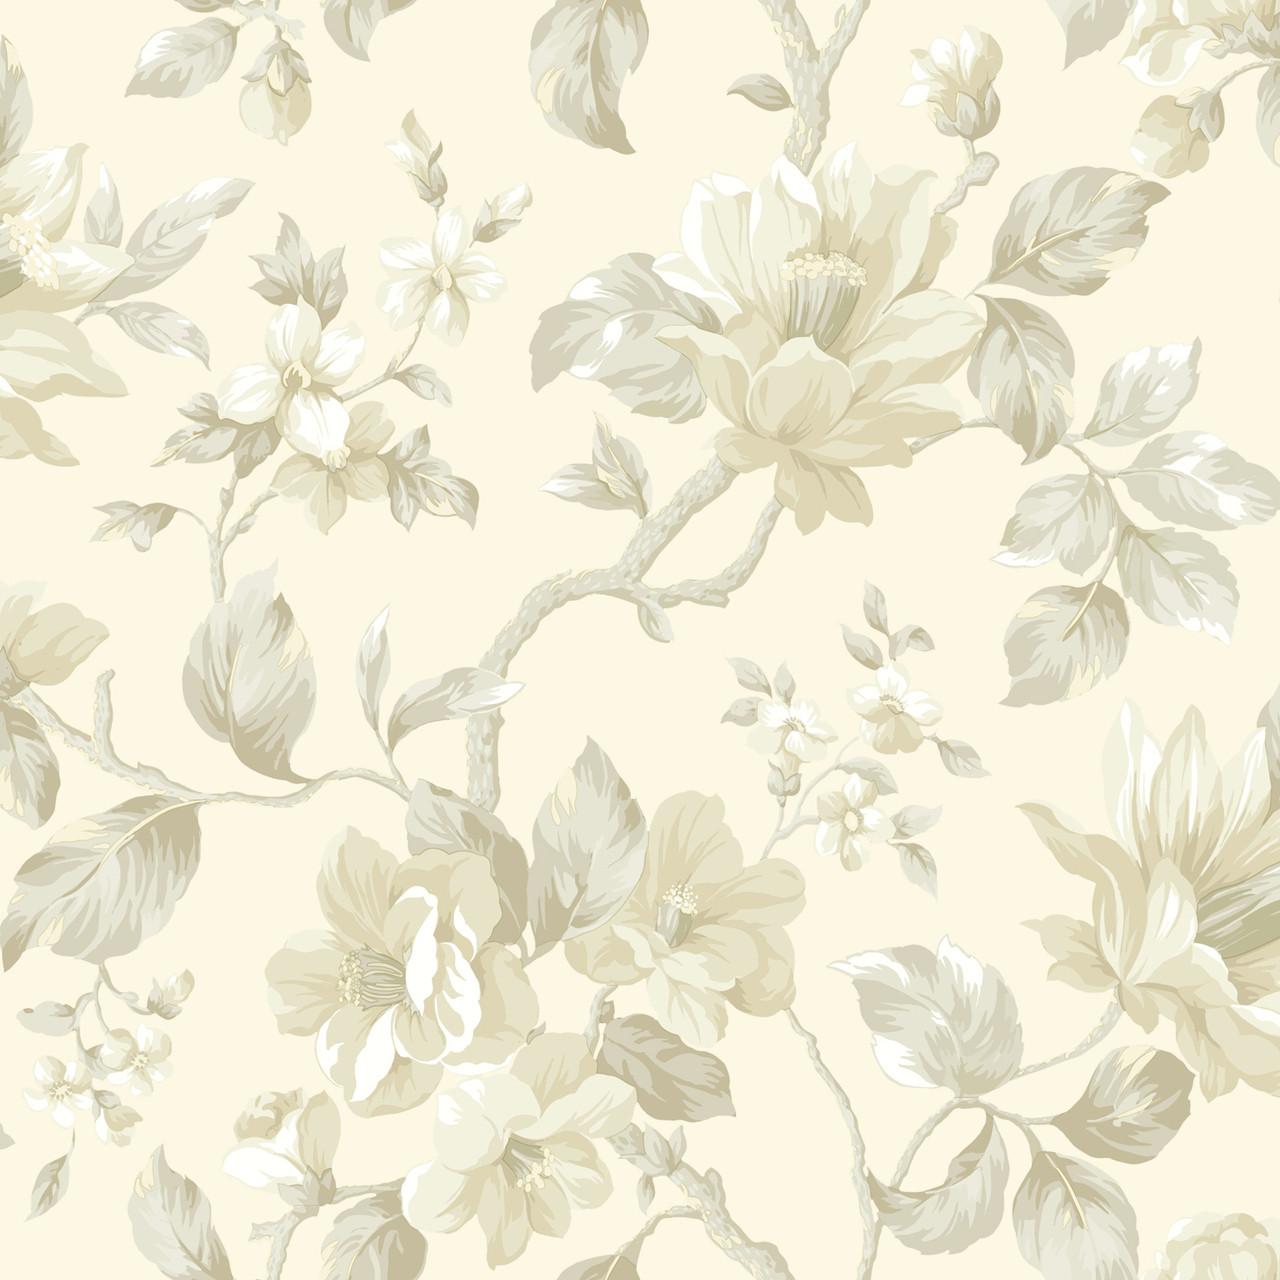 Al13725 Berkin Rose Large Floral Vine Wallpaper